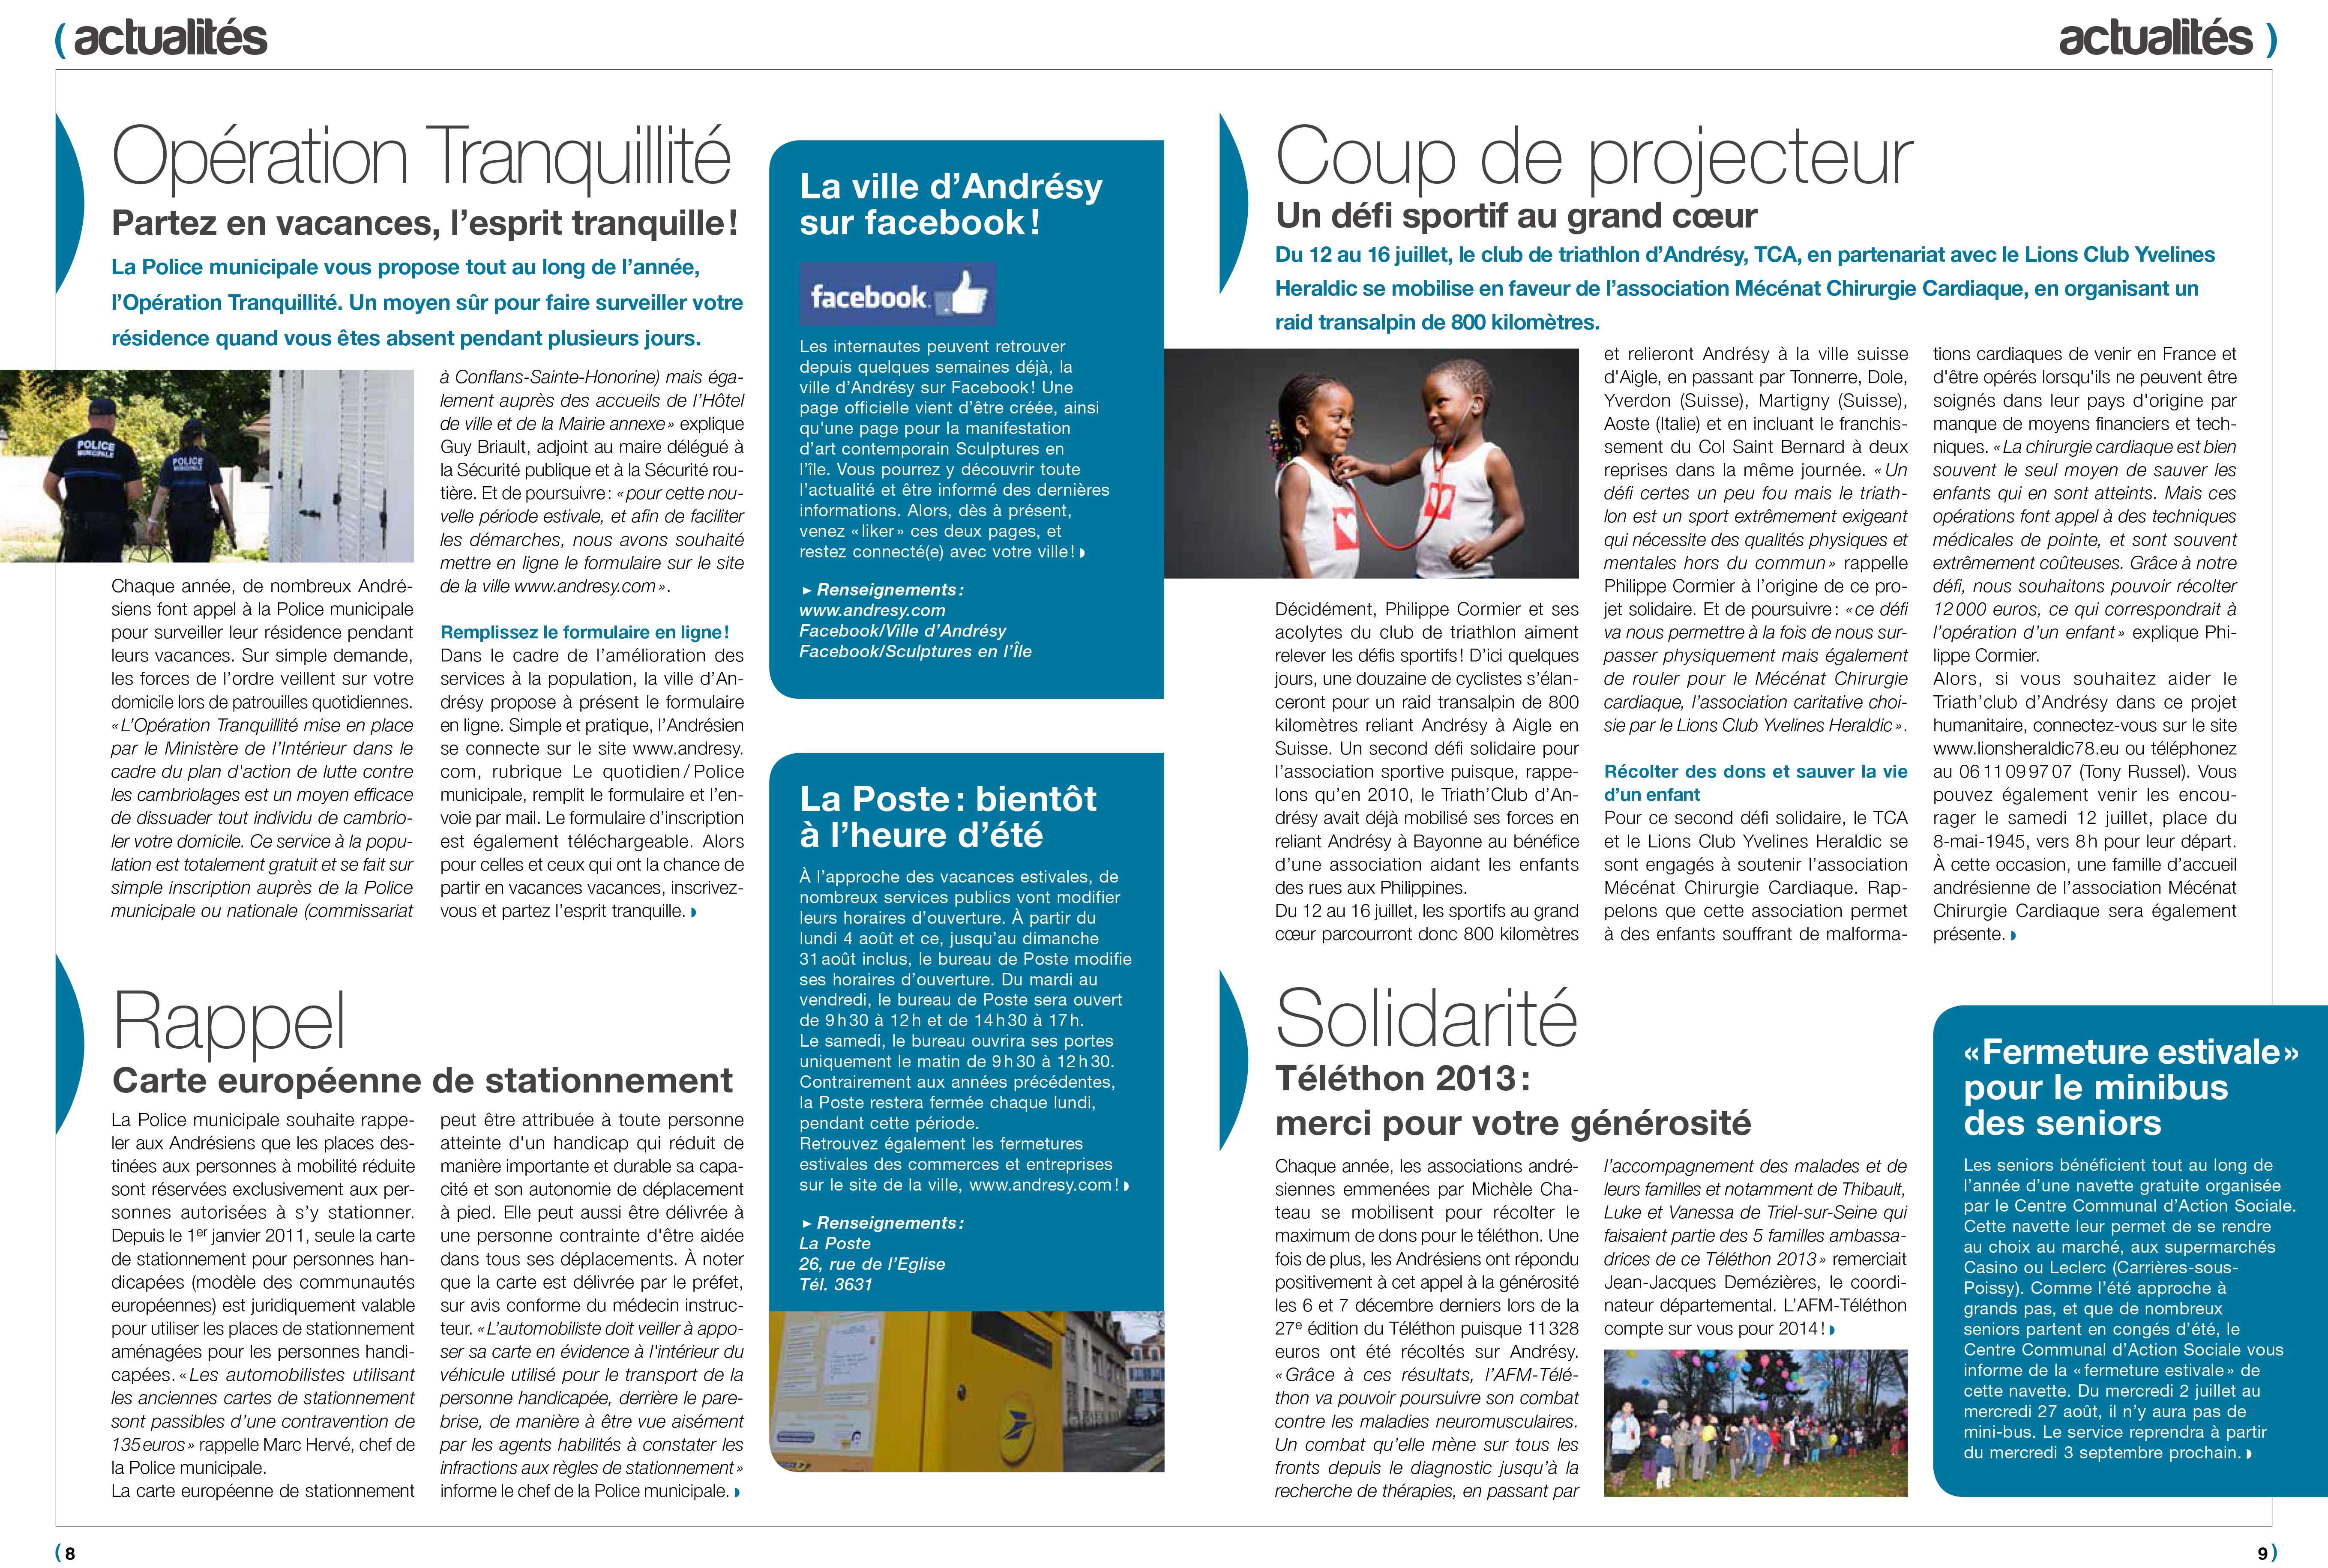 La gazette du val d oise le confluent andr sy lions club for Yvelines actives